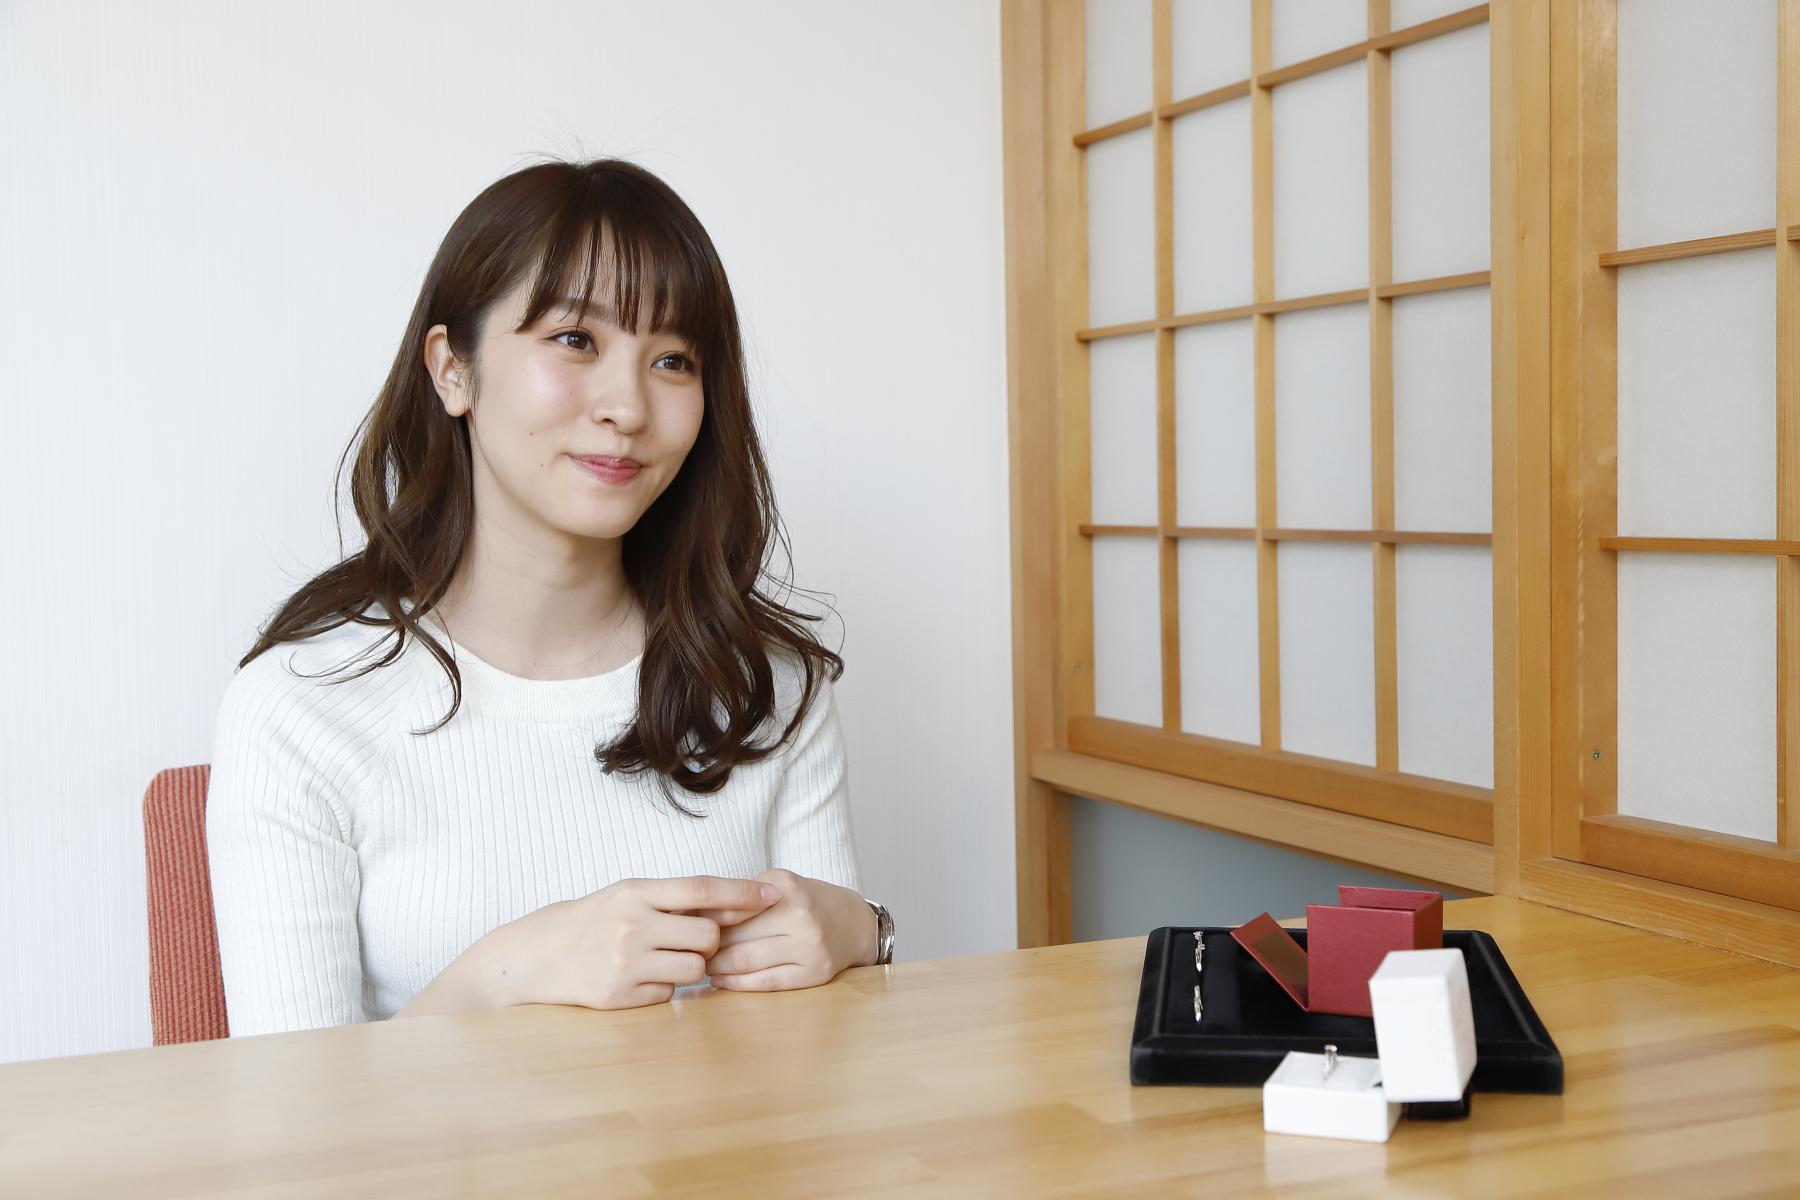 佐藤真瑚様 インタビュー風景